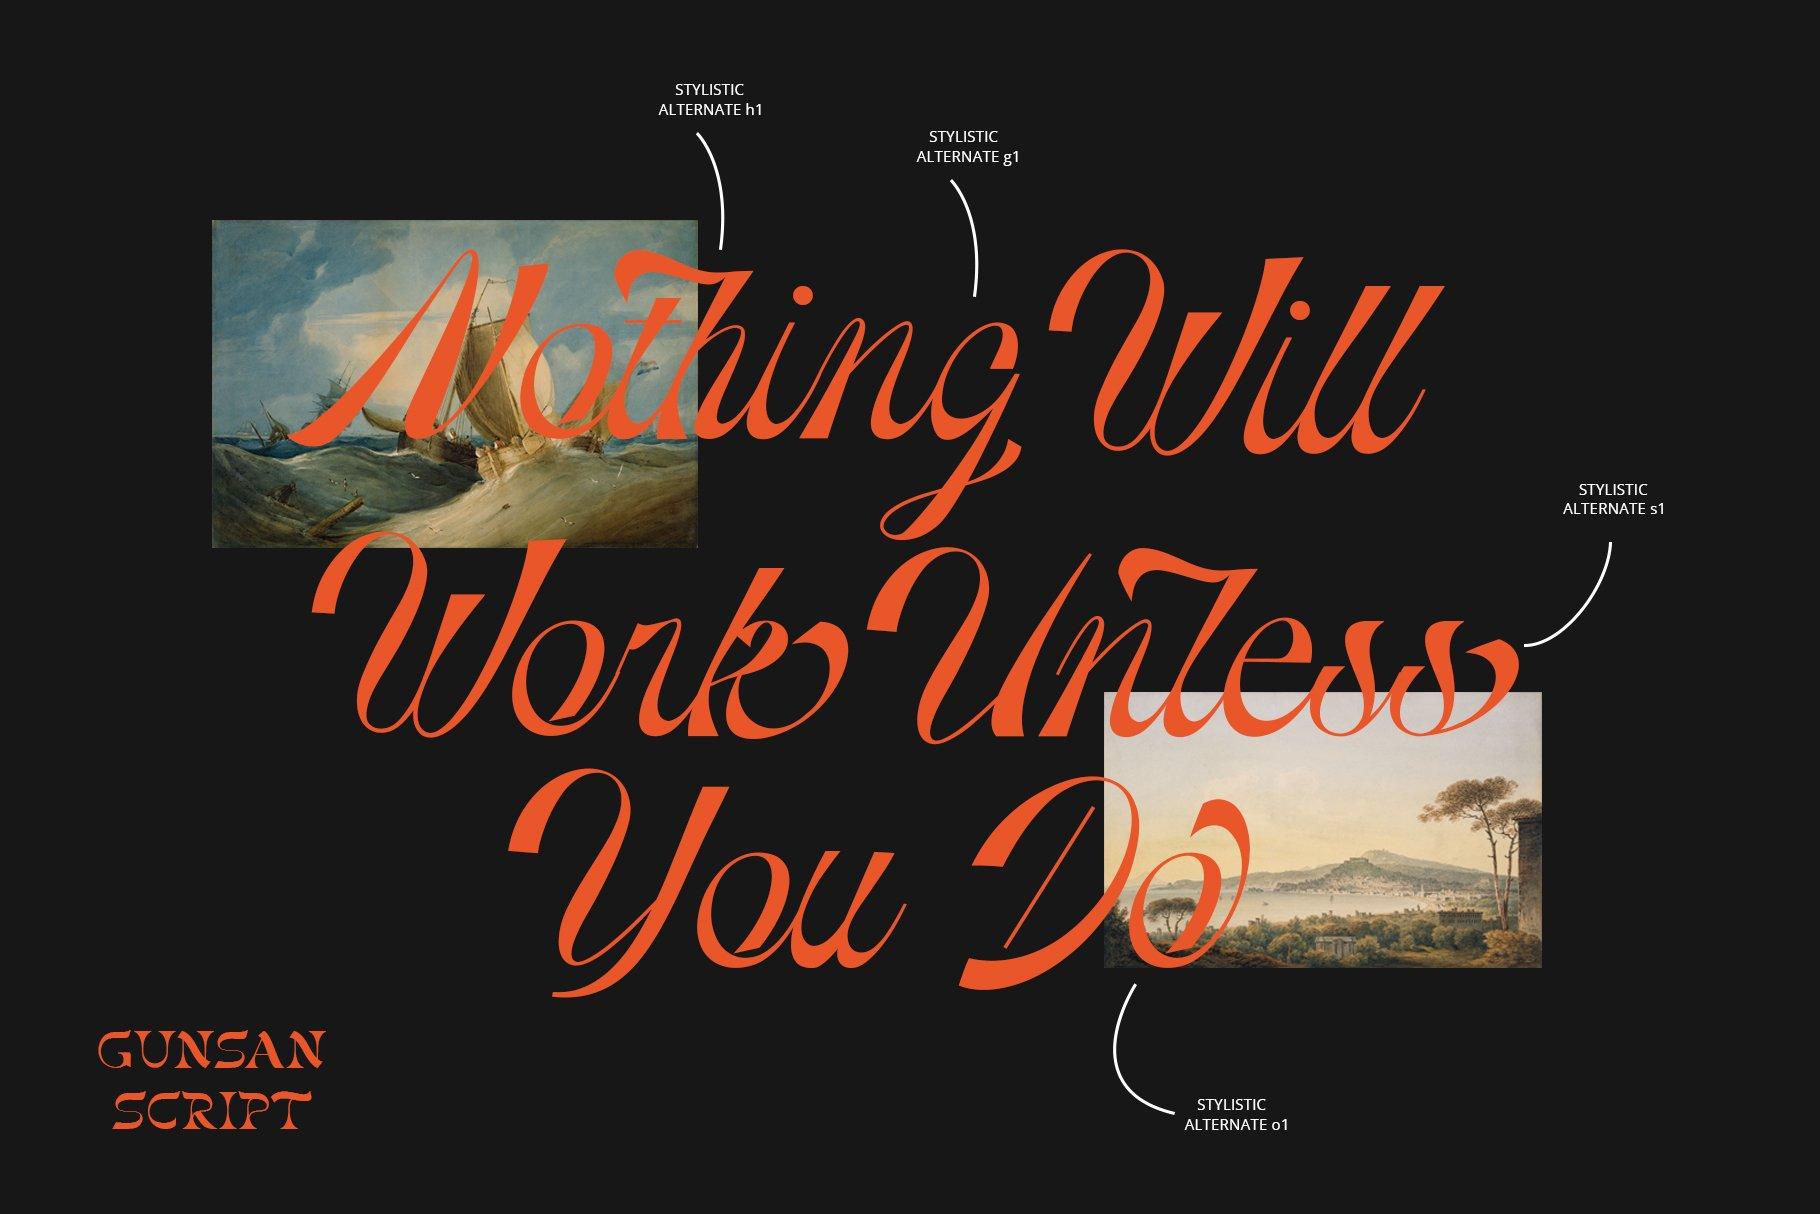 [单独购买] 潮流复古酸性艺术海报杂志Logo标题英文字体设计素材 Gunsan Font Duo插图12